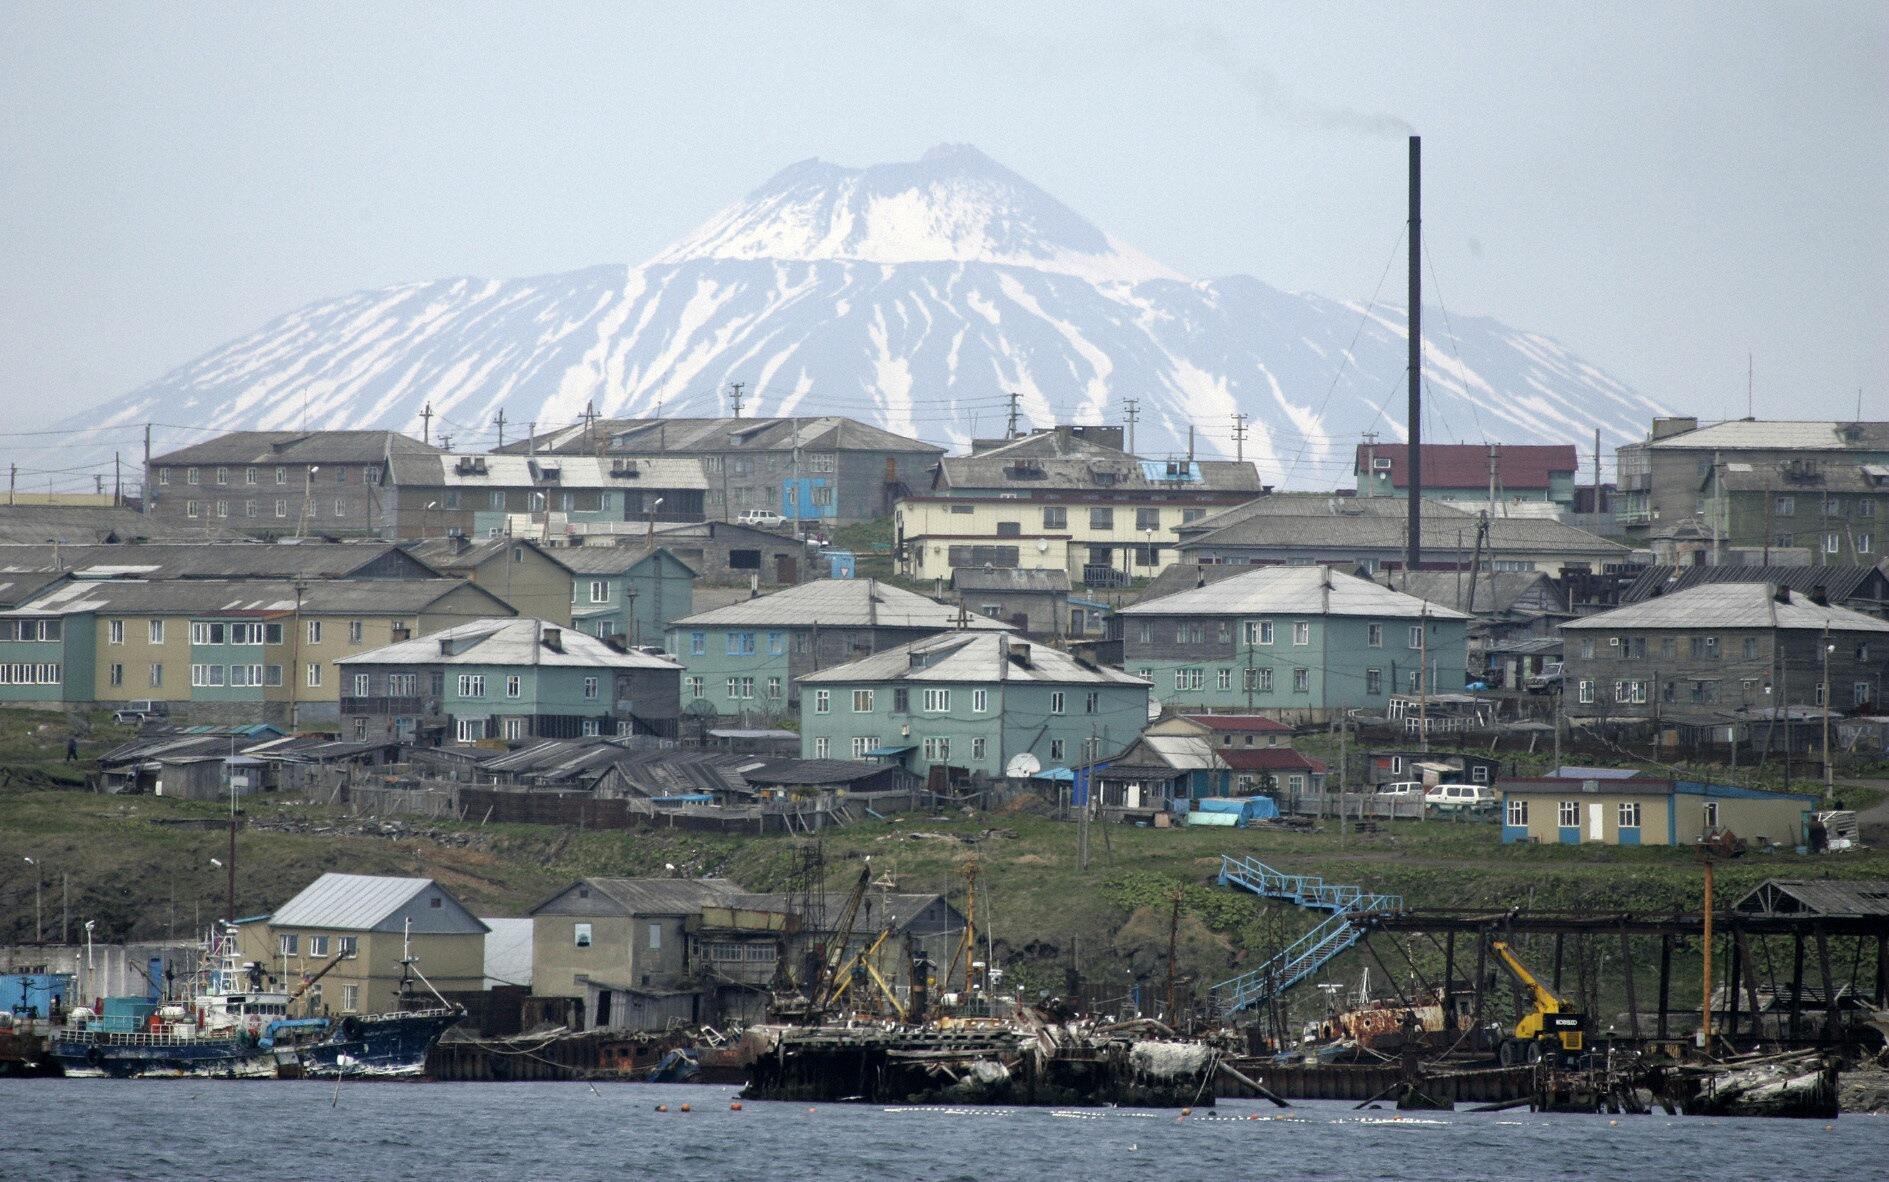 Đảo Kunashiri, một trong bốn hòn đảo thuộc nhóm đảo Kuriles đang nằm dưới sự kiểm soát của Nga (Ảnh chụp hồi tháng 3 năm2007).